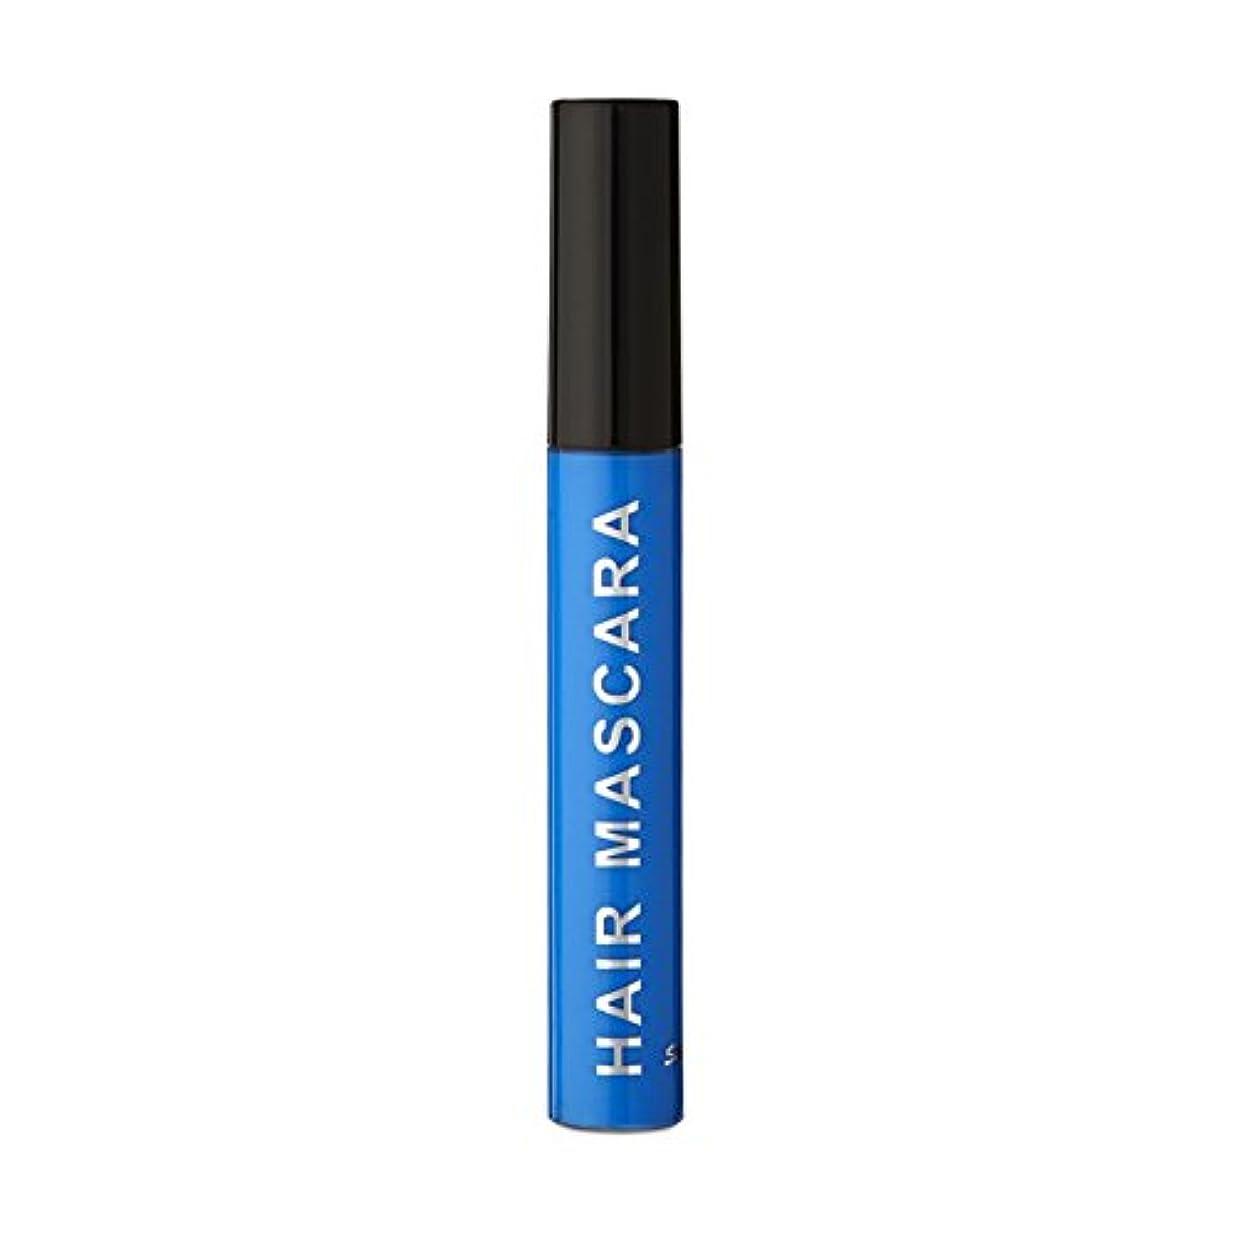 未知の人物満足できるアレス スターゲイザー ヘアマスカラ ブルー(UV) 11g